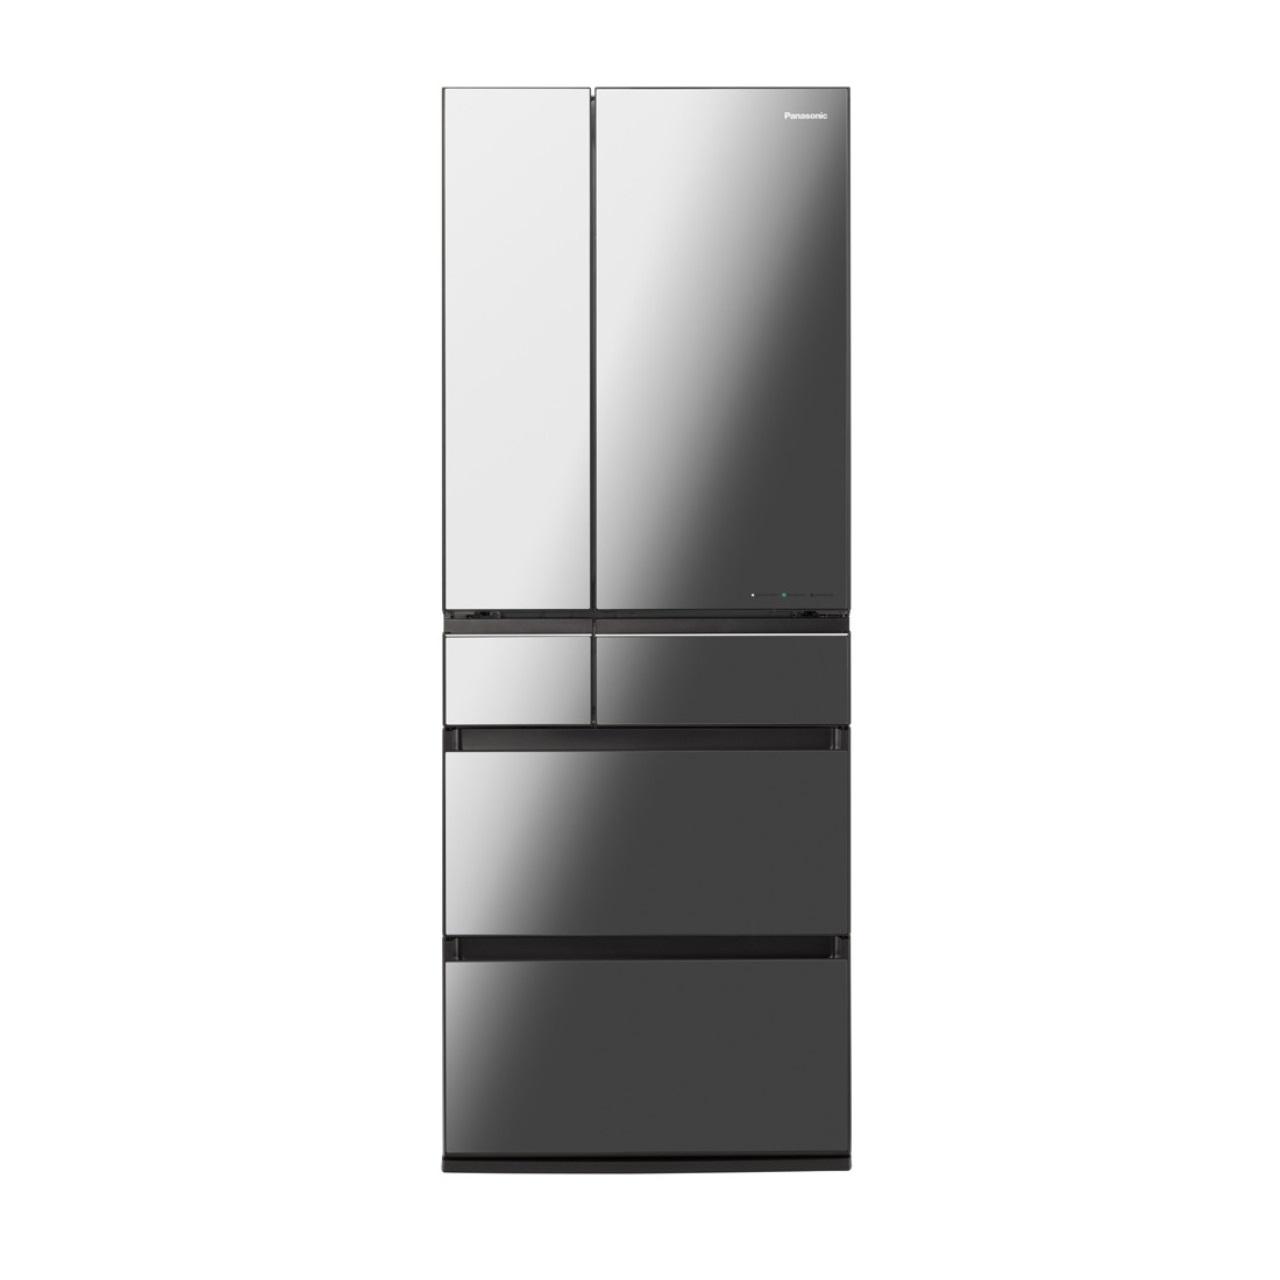 パナソニックNR-F555WPX冷蔵庫